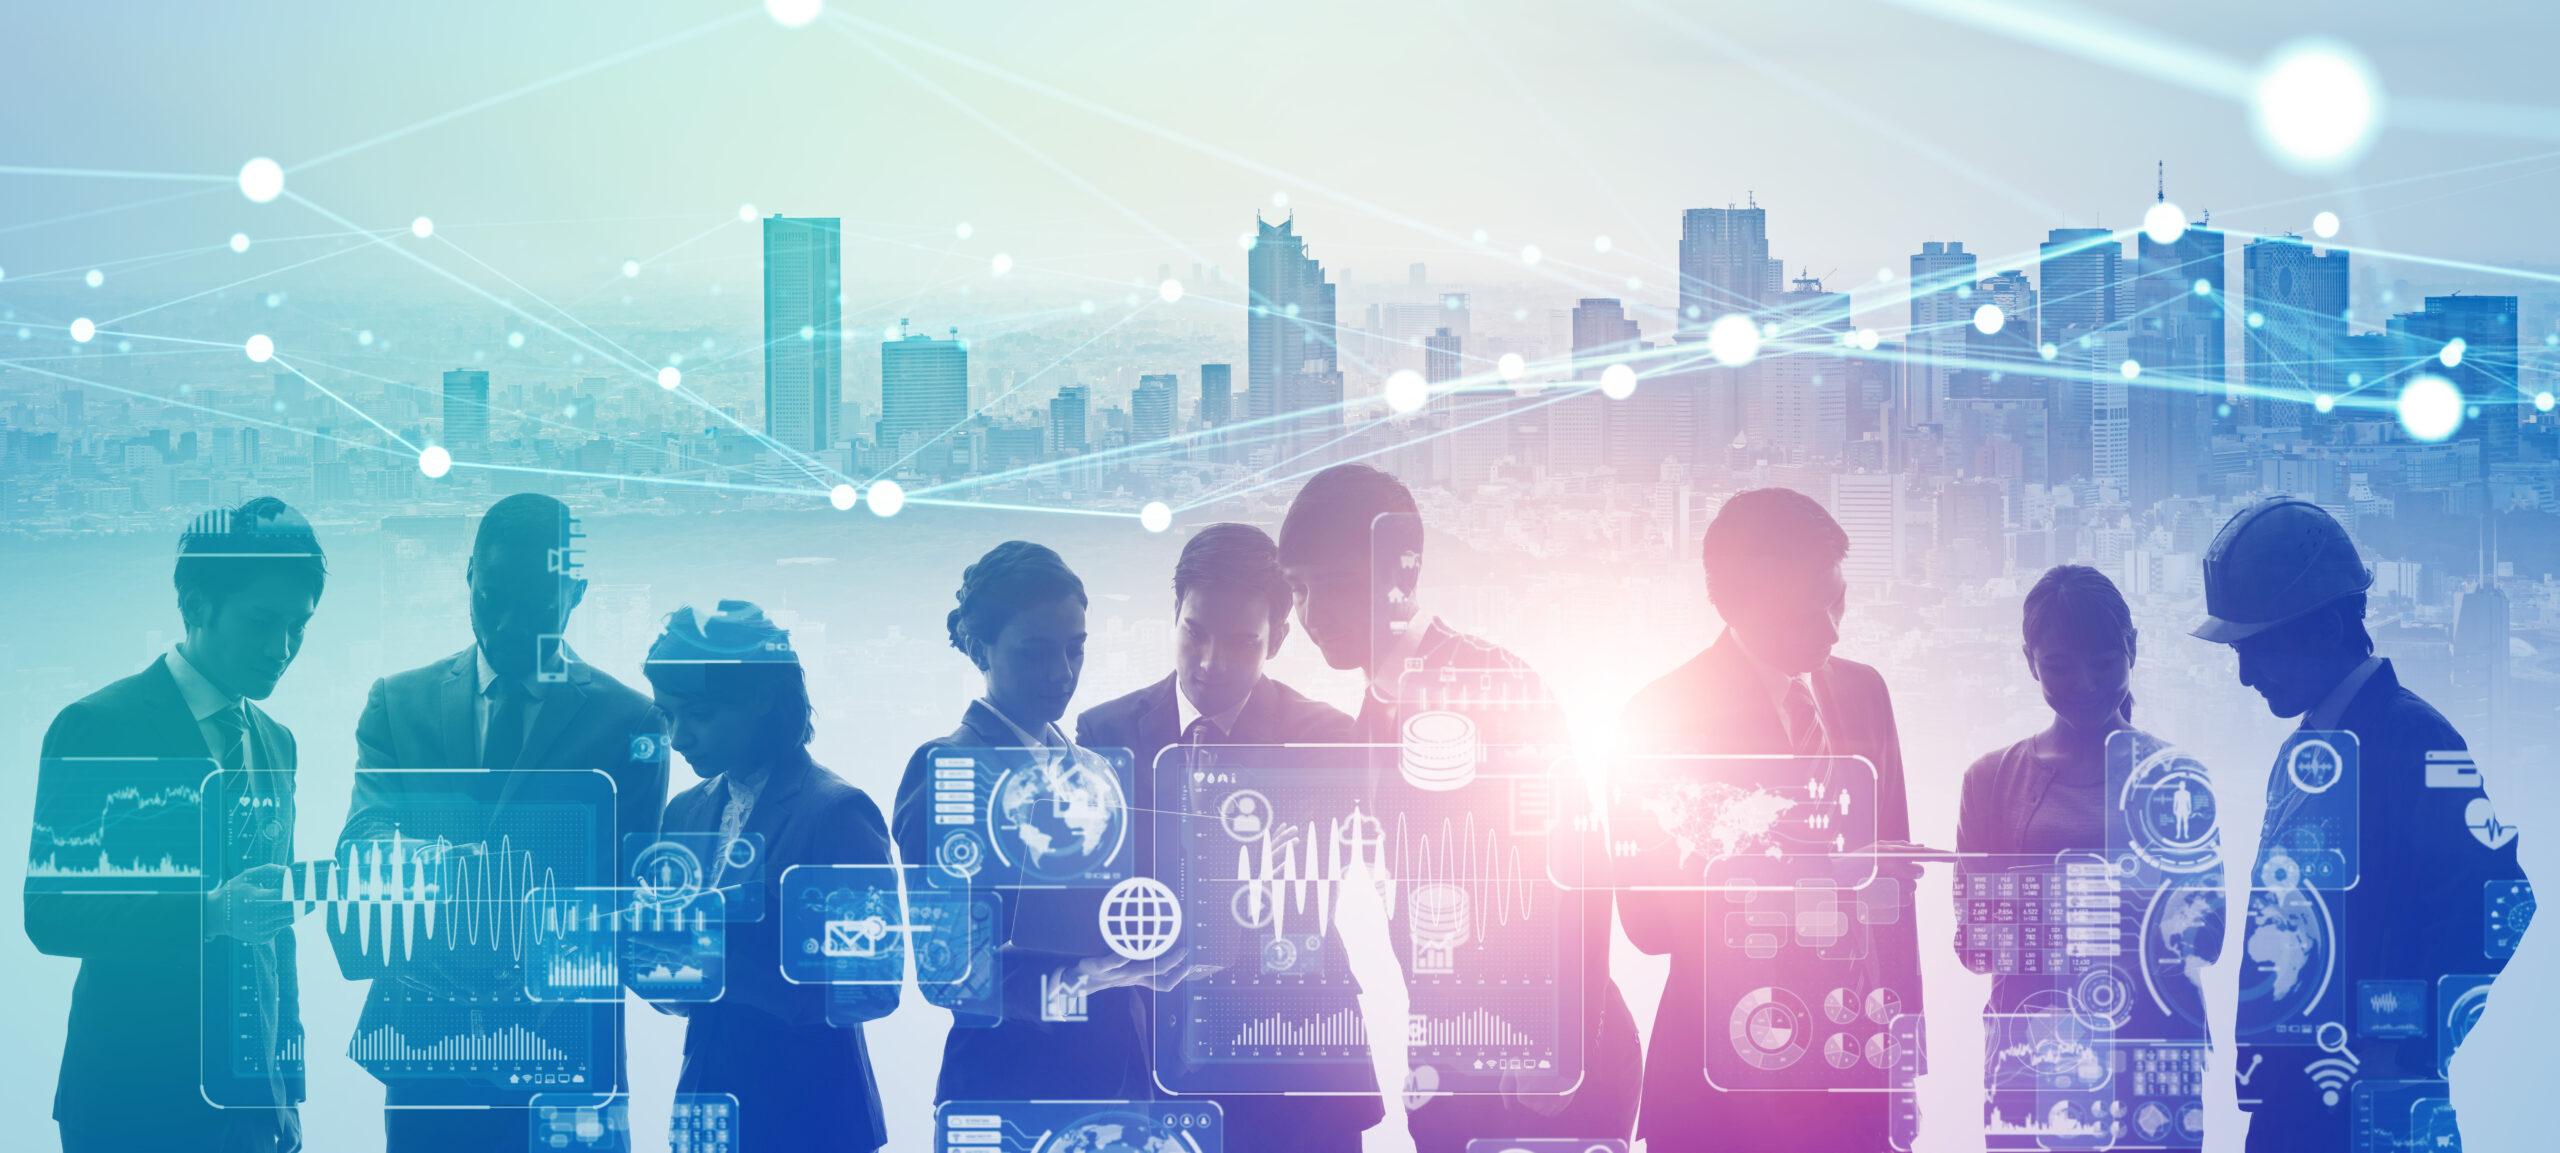 Nuestras tecnologías: IoT, Blockchain, Big Data e IA